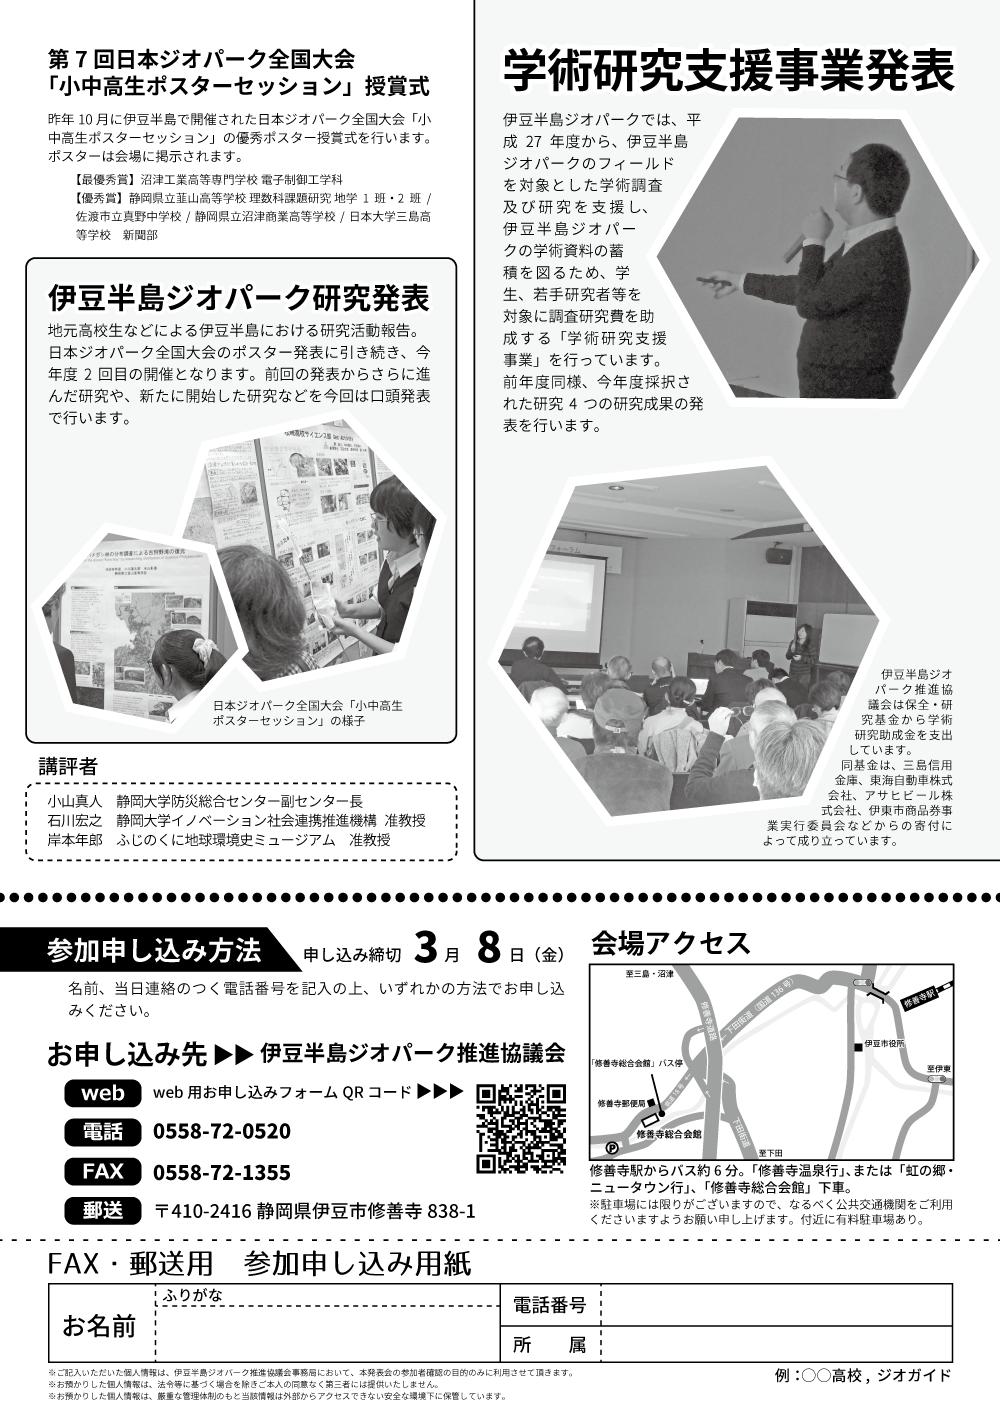 第2回伊豆半島ジオパーク学術研究発表チラシ裏